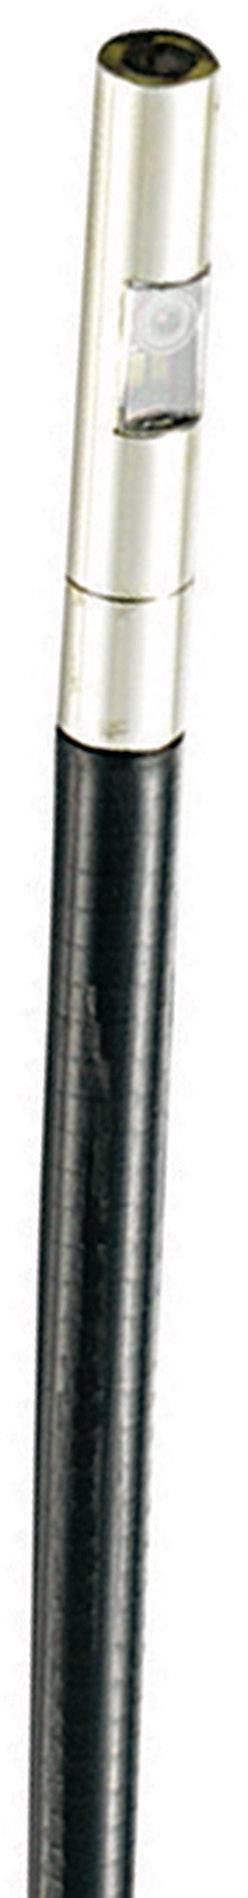 Sonda s kamerou D6300C, 3 m, Ø 5,8 mm pro endoskopy Voltcraft BS-500/1000T